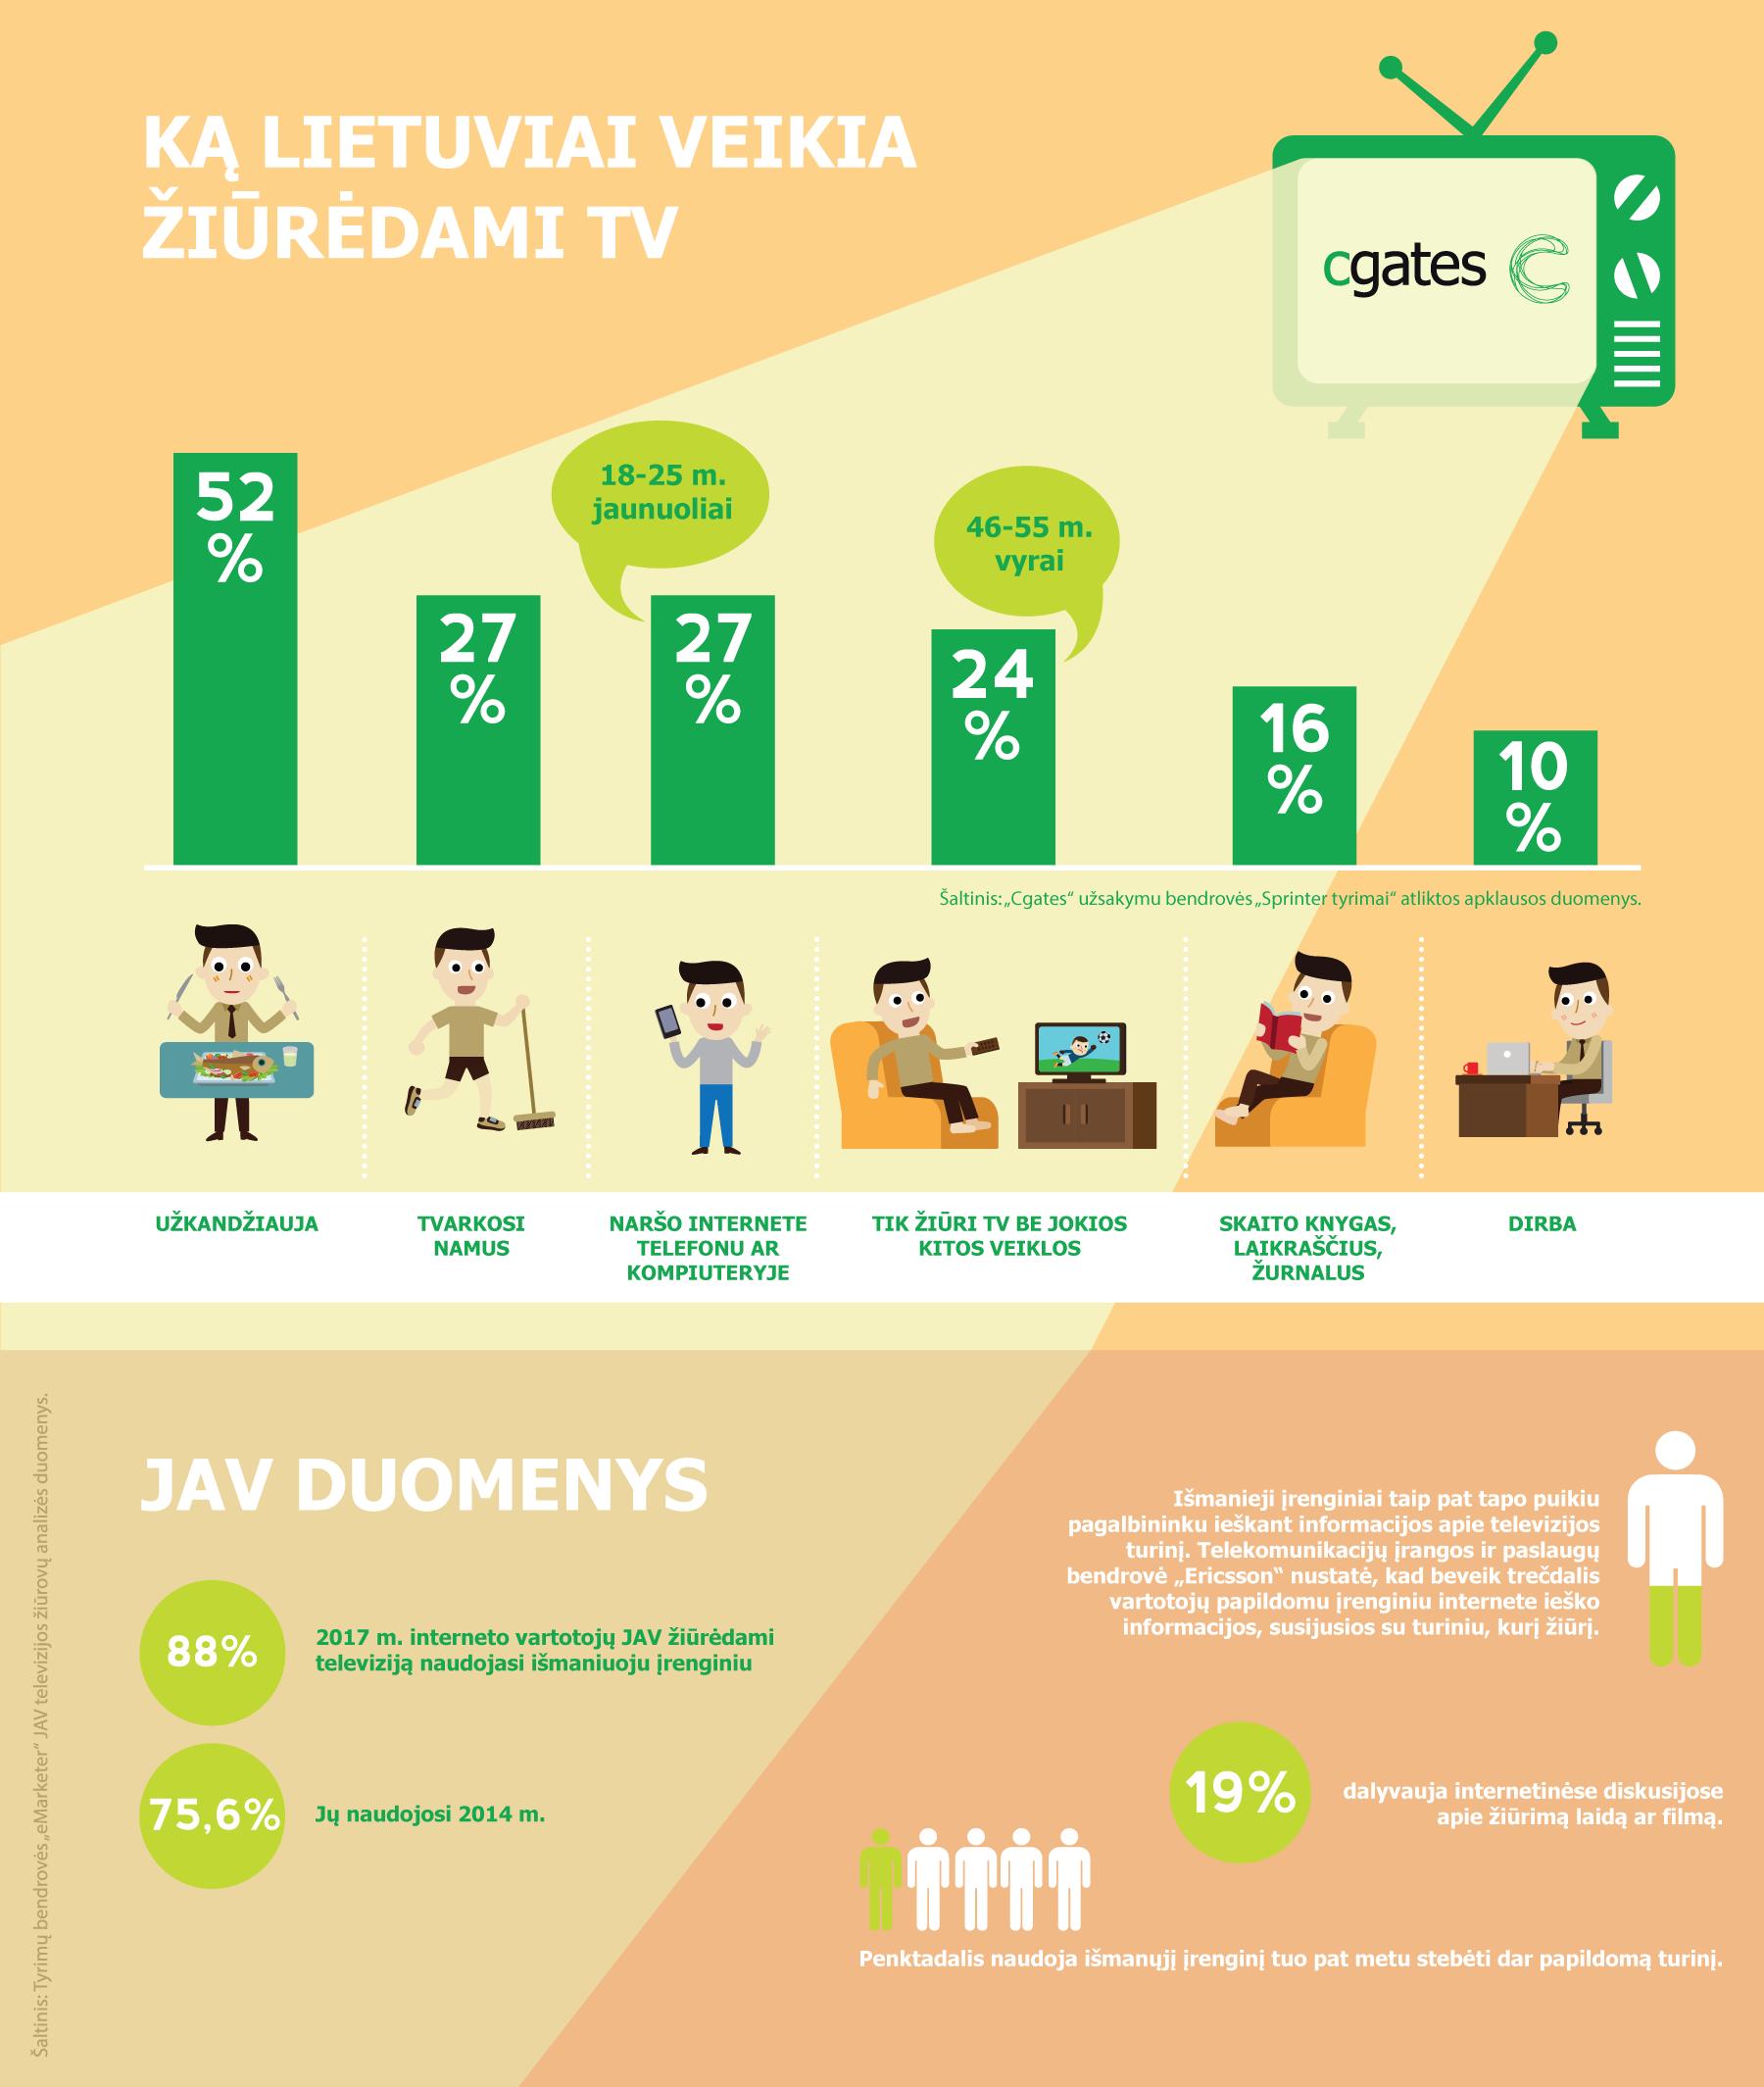 Tyrimas atskleidė, ką lietuviai mėgsta veikti prie televizoriaus